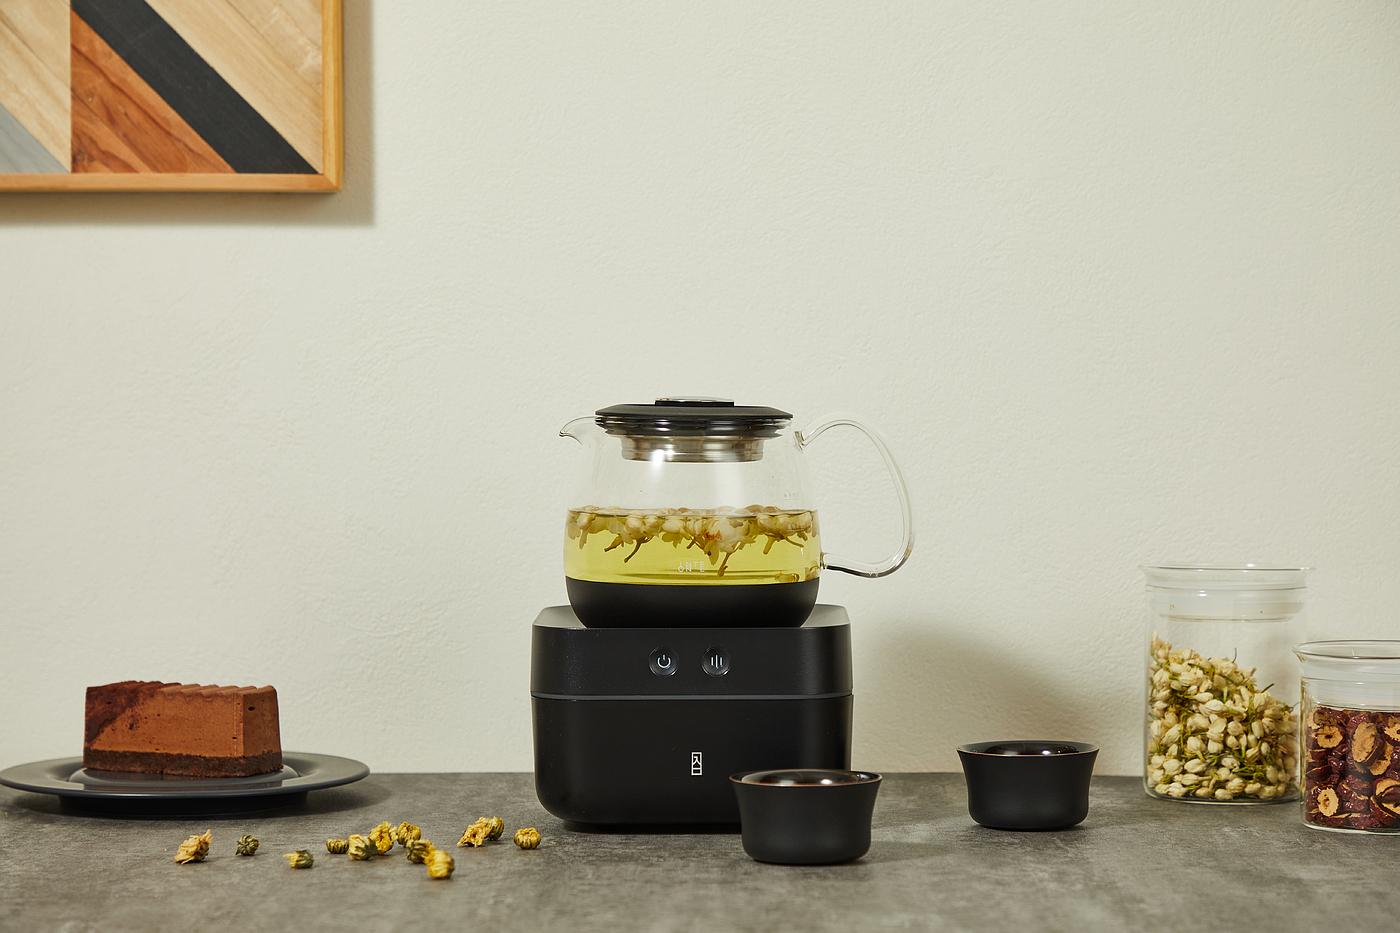 入一茶电器,入一茶生活,煮茶器,小家电,茶电器,泡茶盒子,